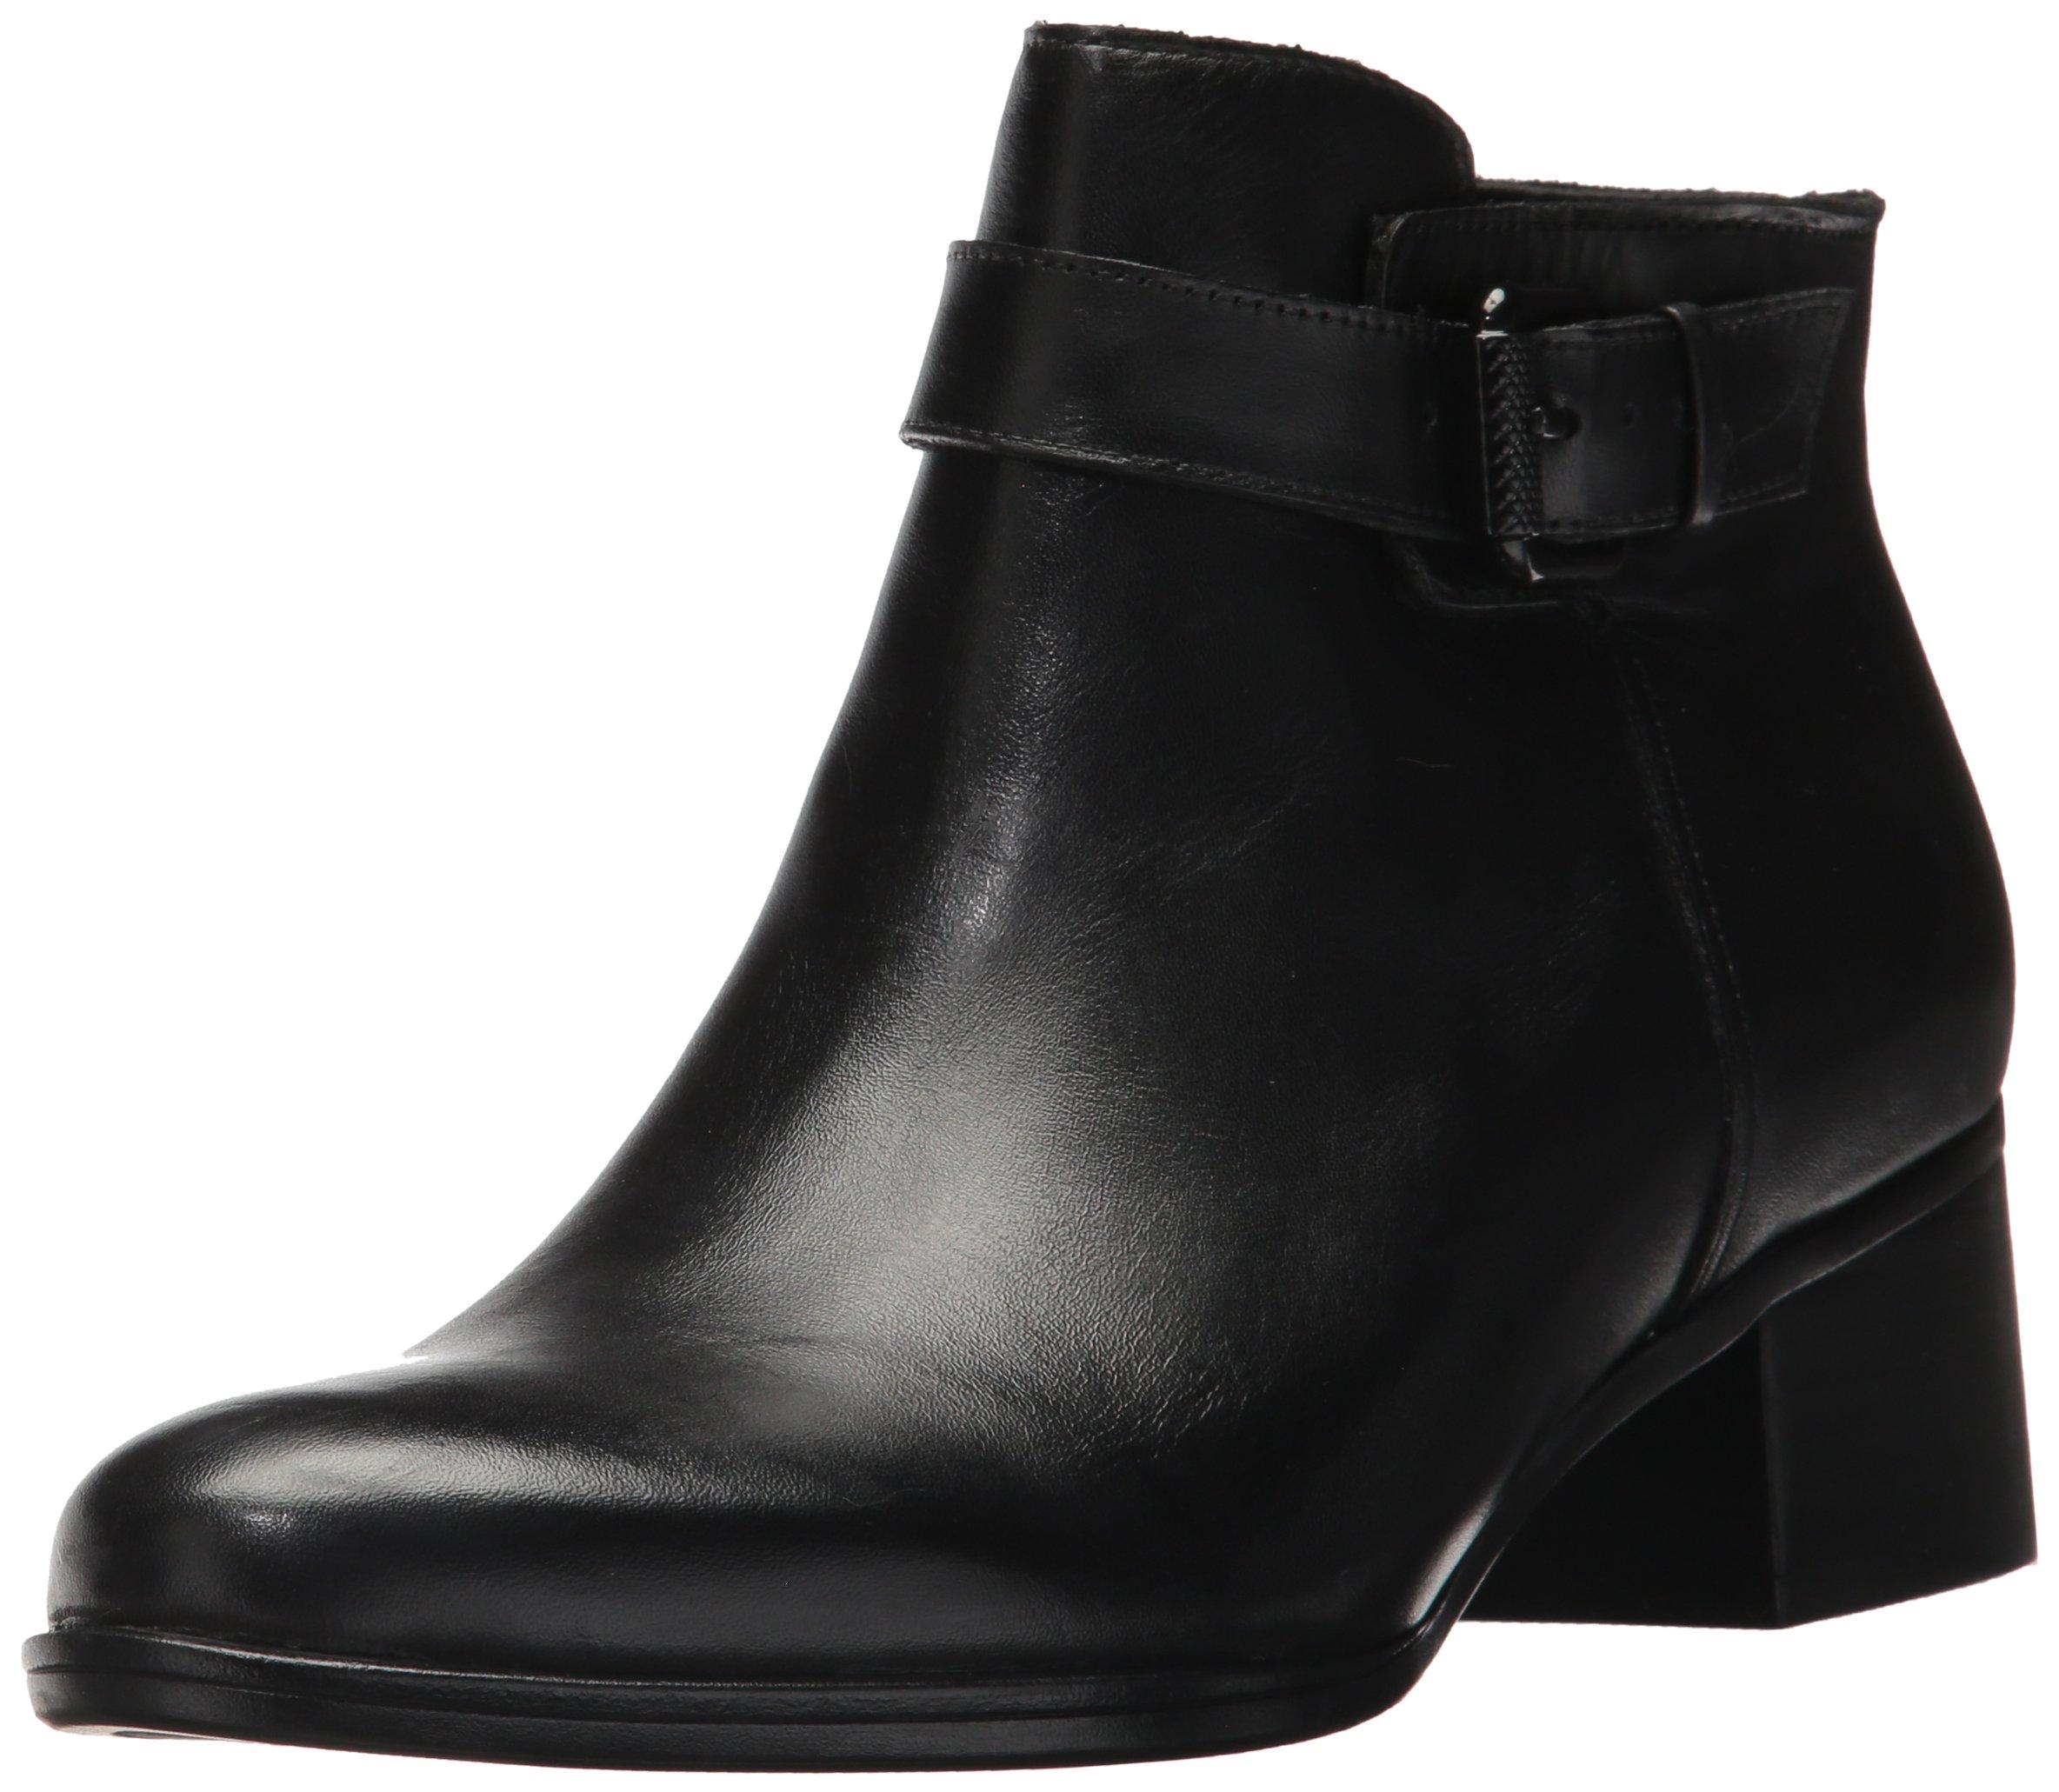 Naturalizer Women's Dora Ankle Bootie, Black, 10.5 M US